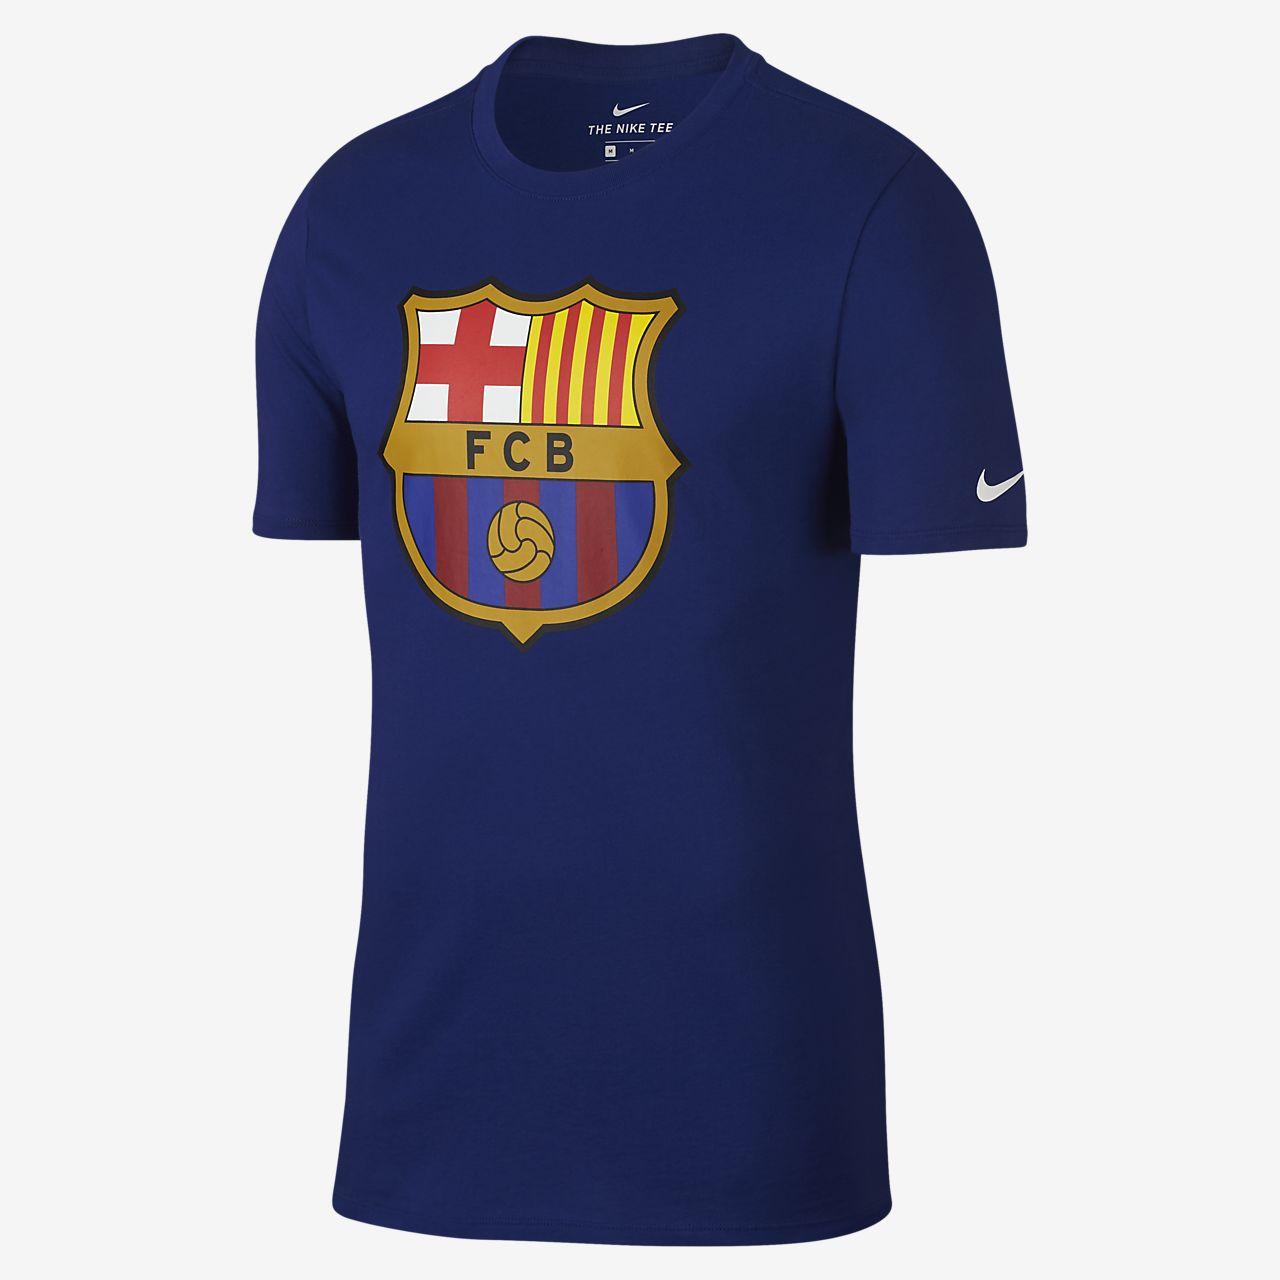 เสื้อยืดผู้ชาย FC Barcelona Crest